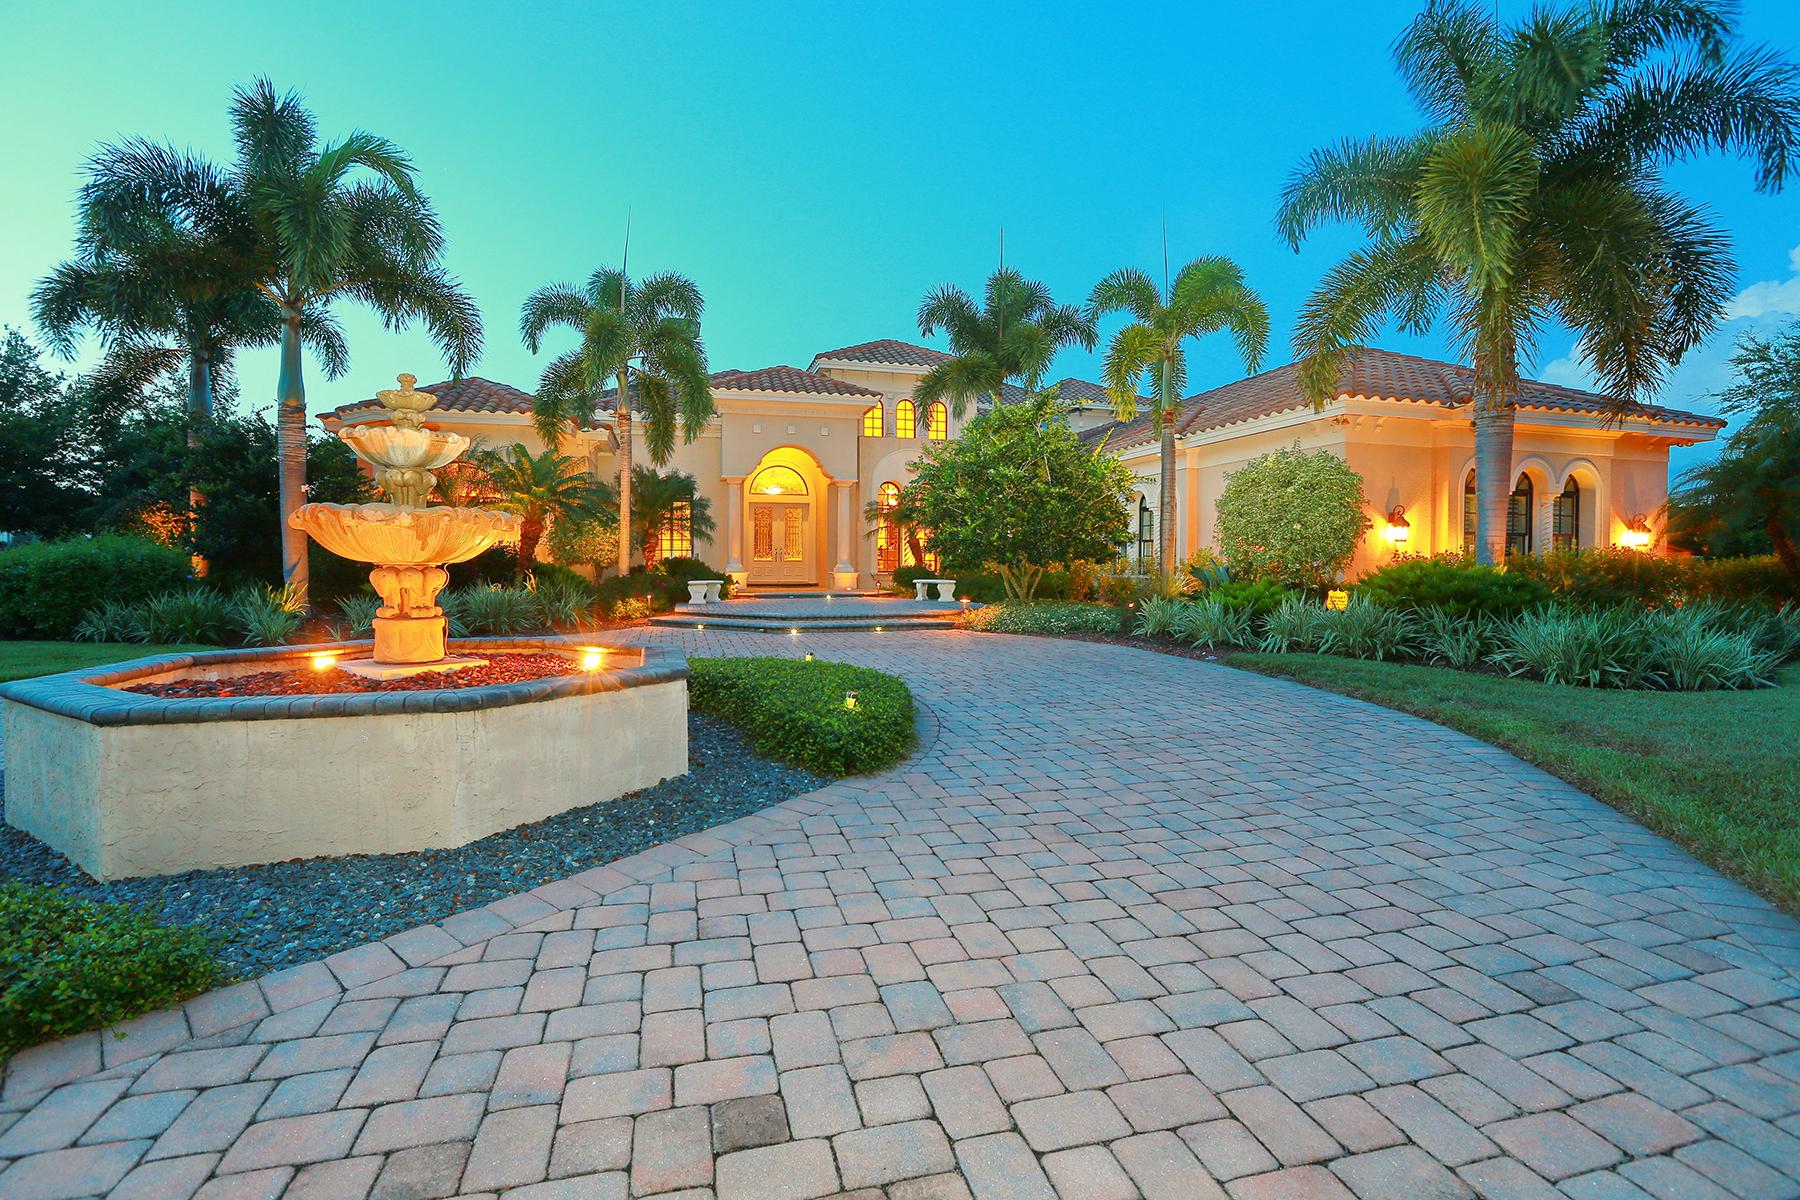 独户住宅 为 销售 在 FOUNDERS CLUB 8254 Roseburn Ct 萨拉索塔, 佛罗里达州, 34240 美国